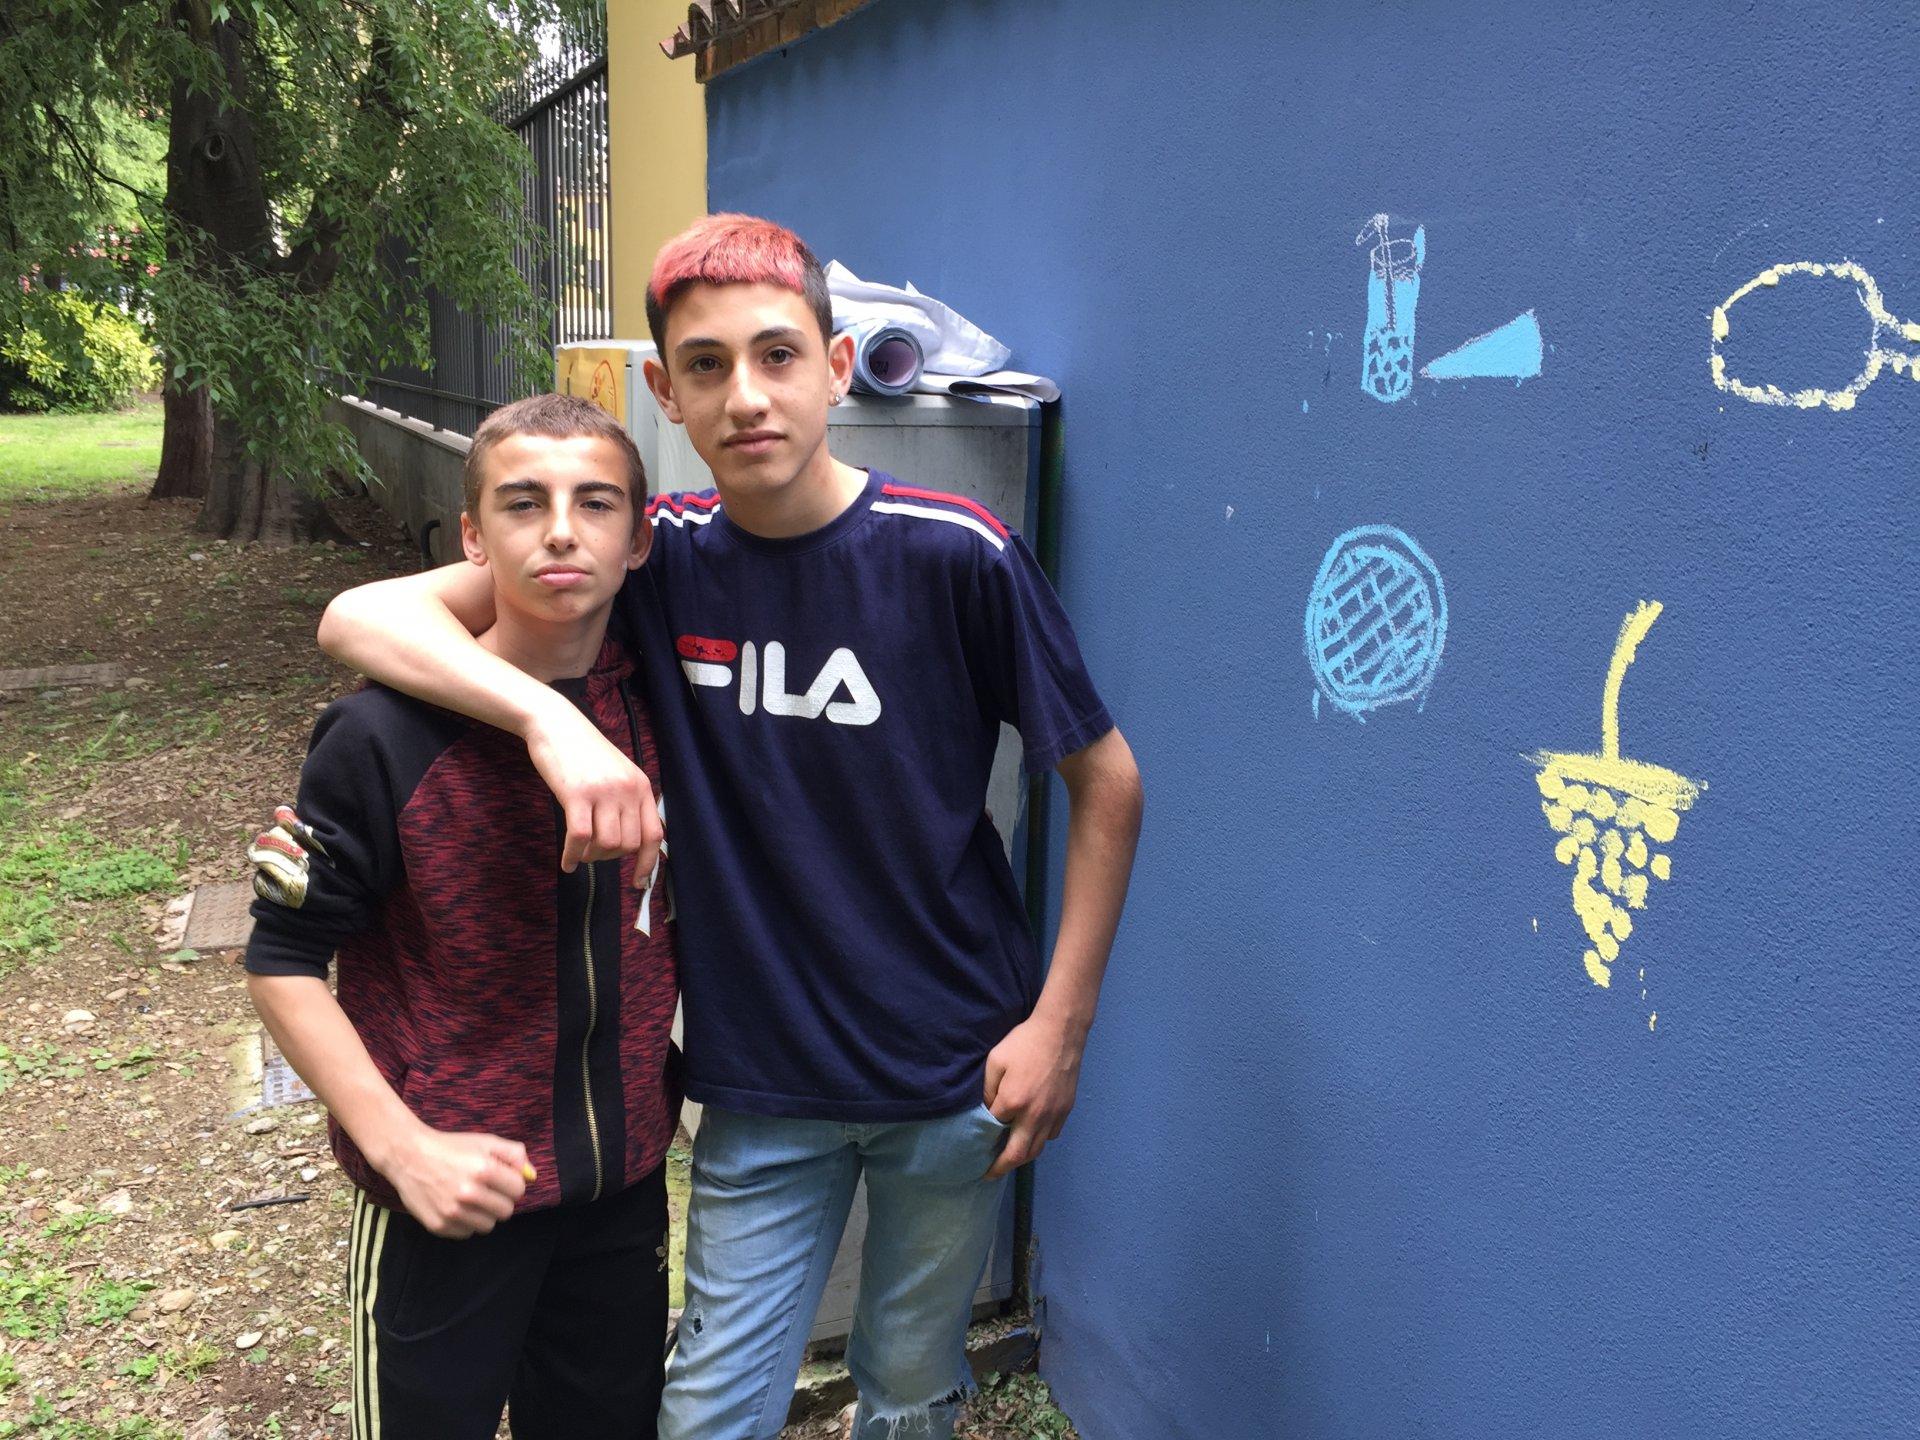 Brugherio murale nel parco di Villa Fiorita Murale dipinto dai ragazzi delle scuole medie del territorio simbolo di integrazione